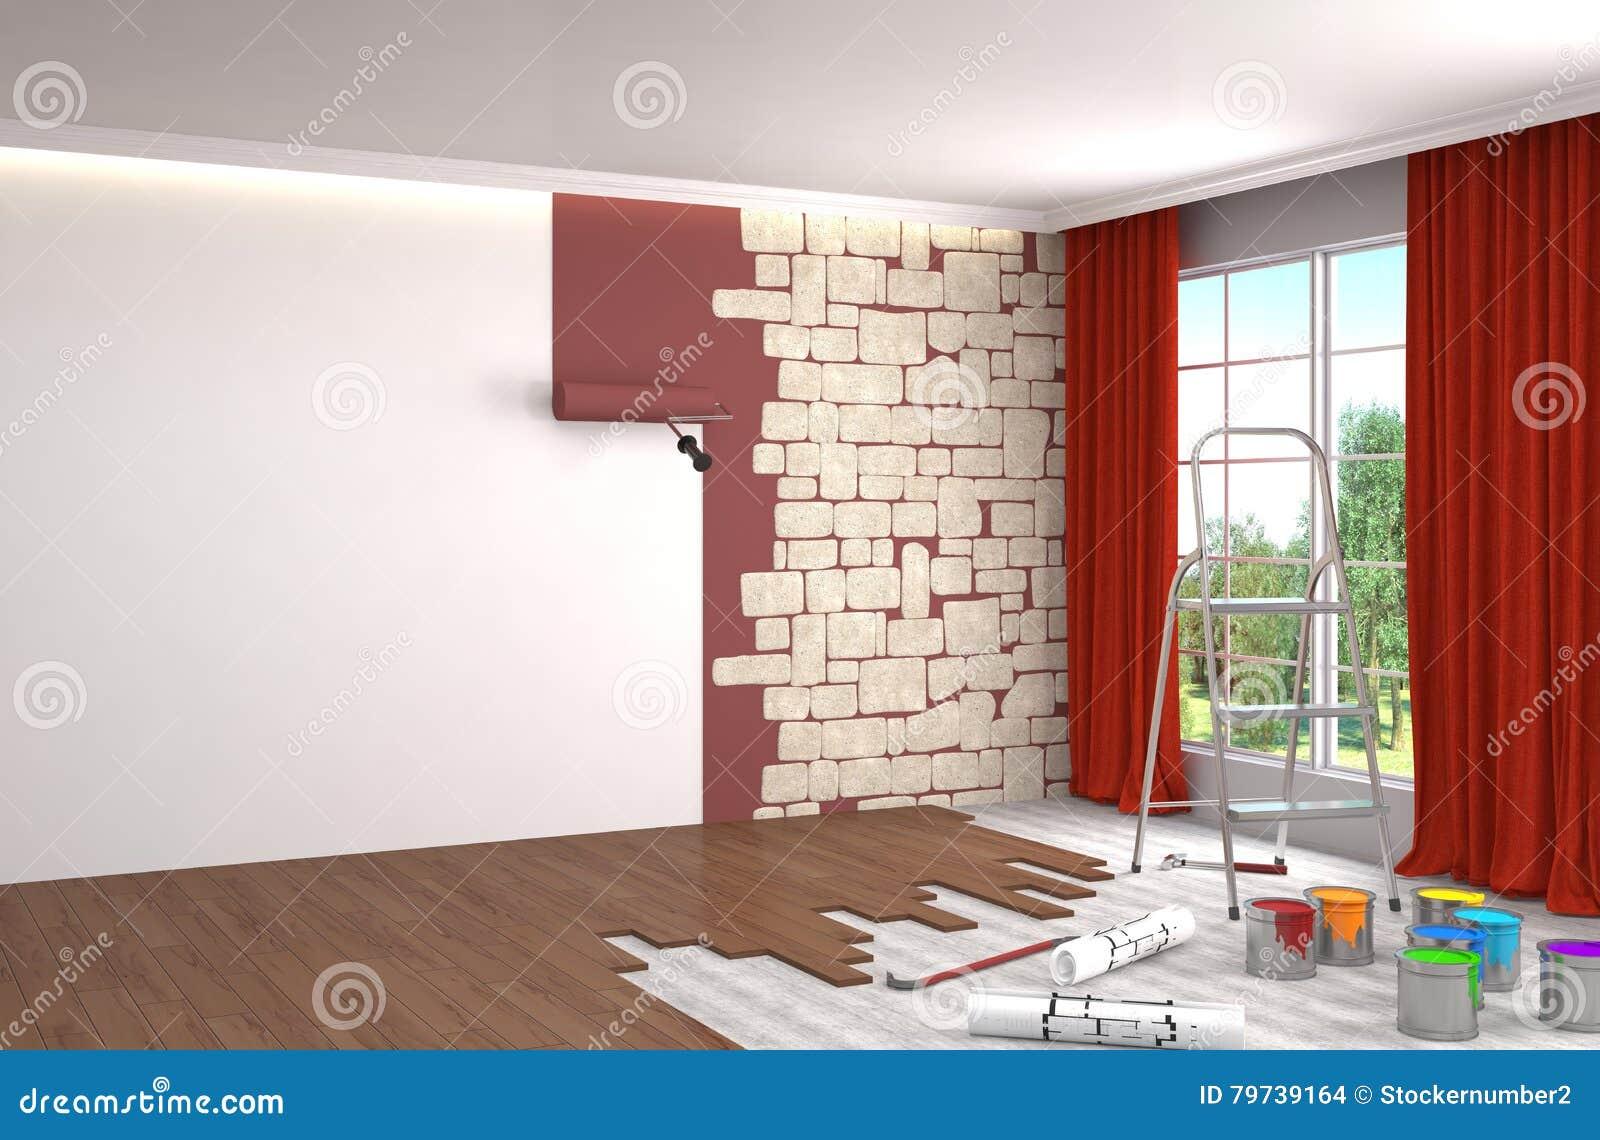 Reparación y pintura de paredes en sitio ilustración 3D